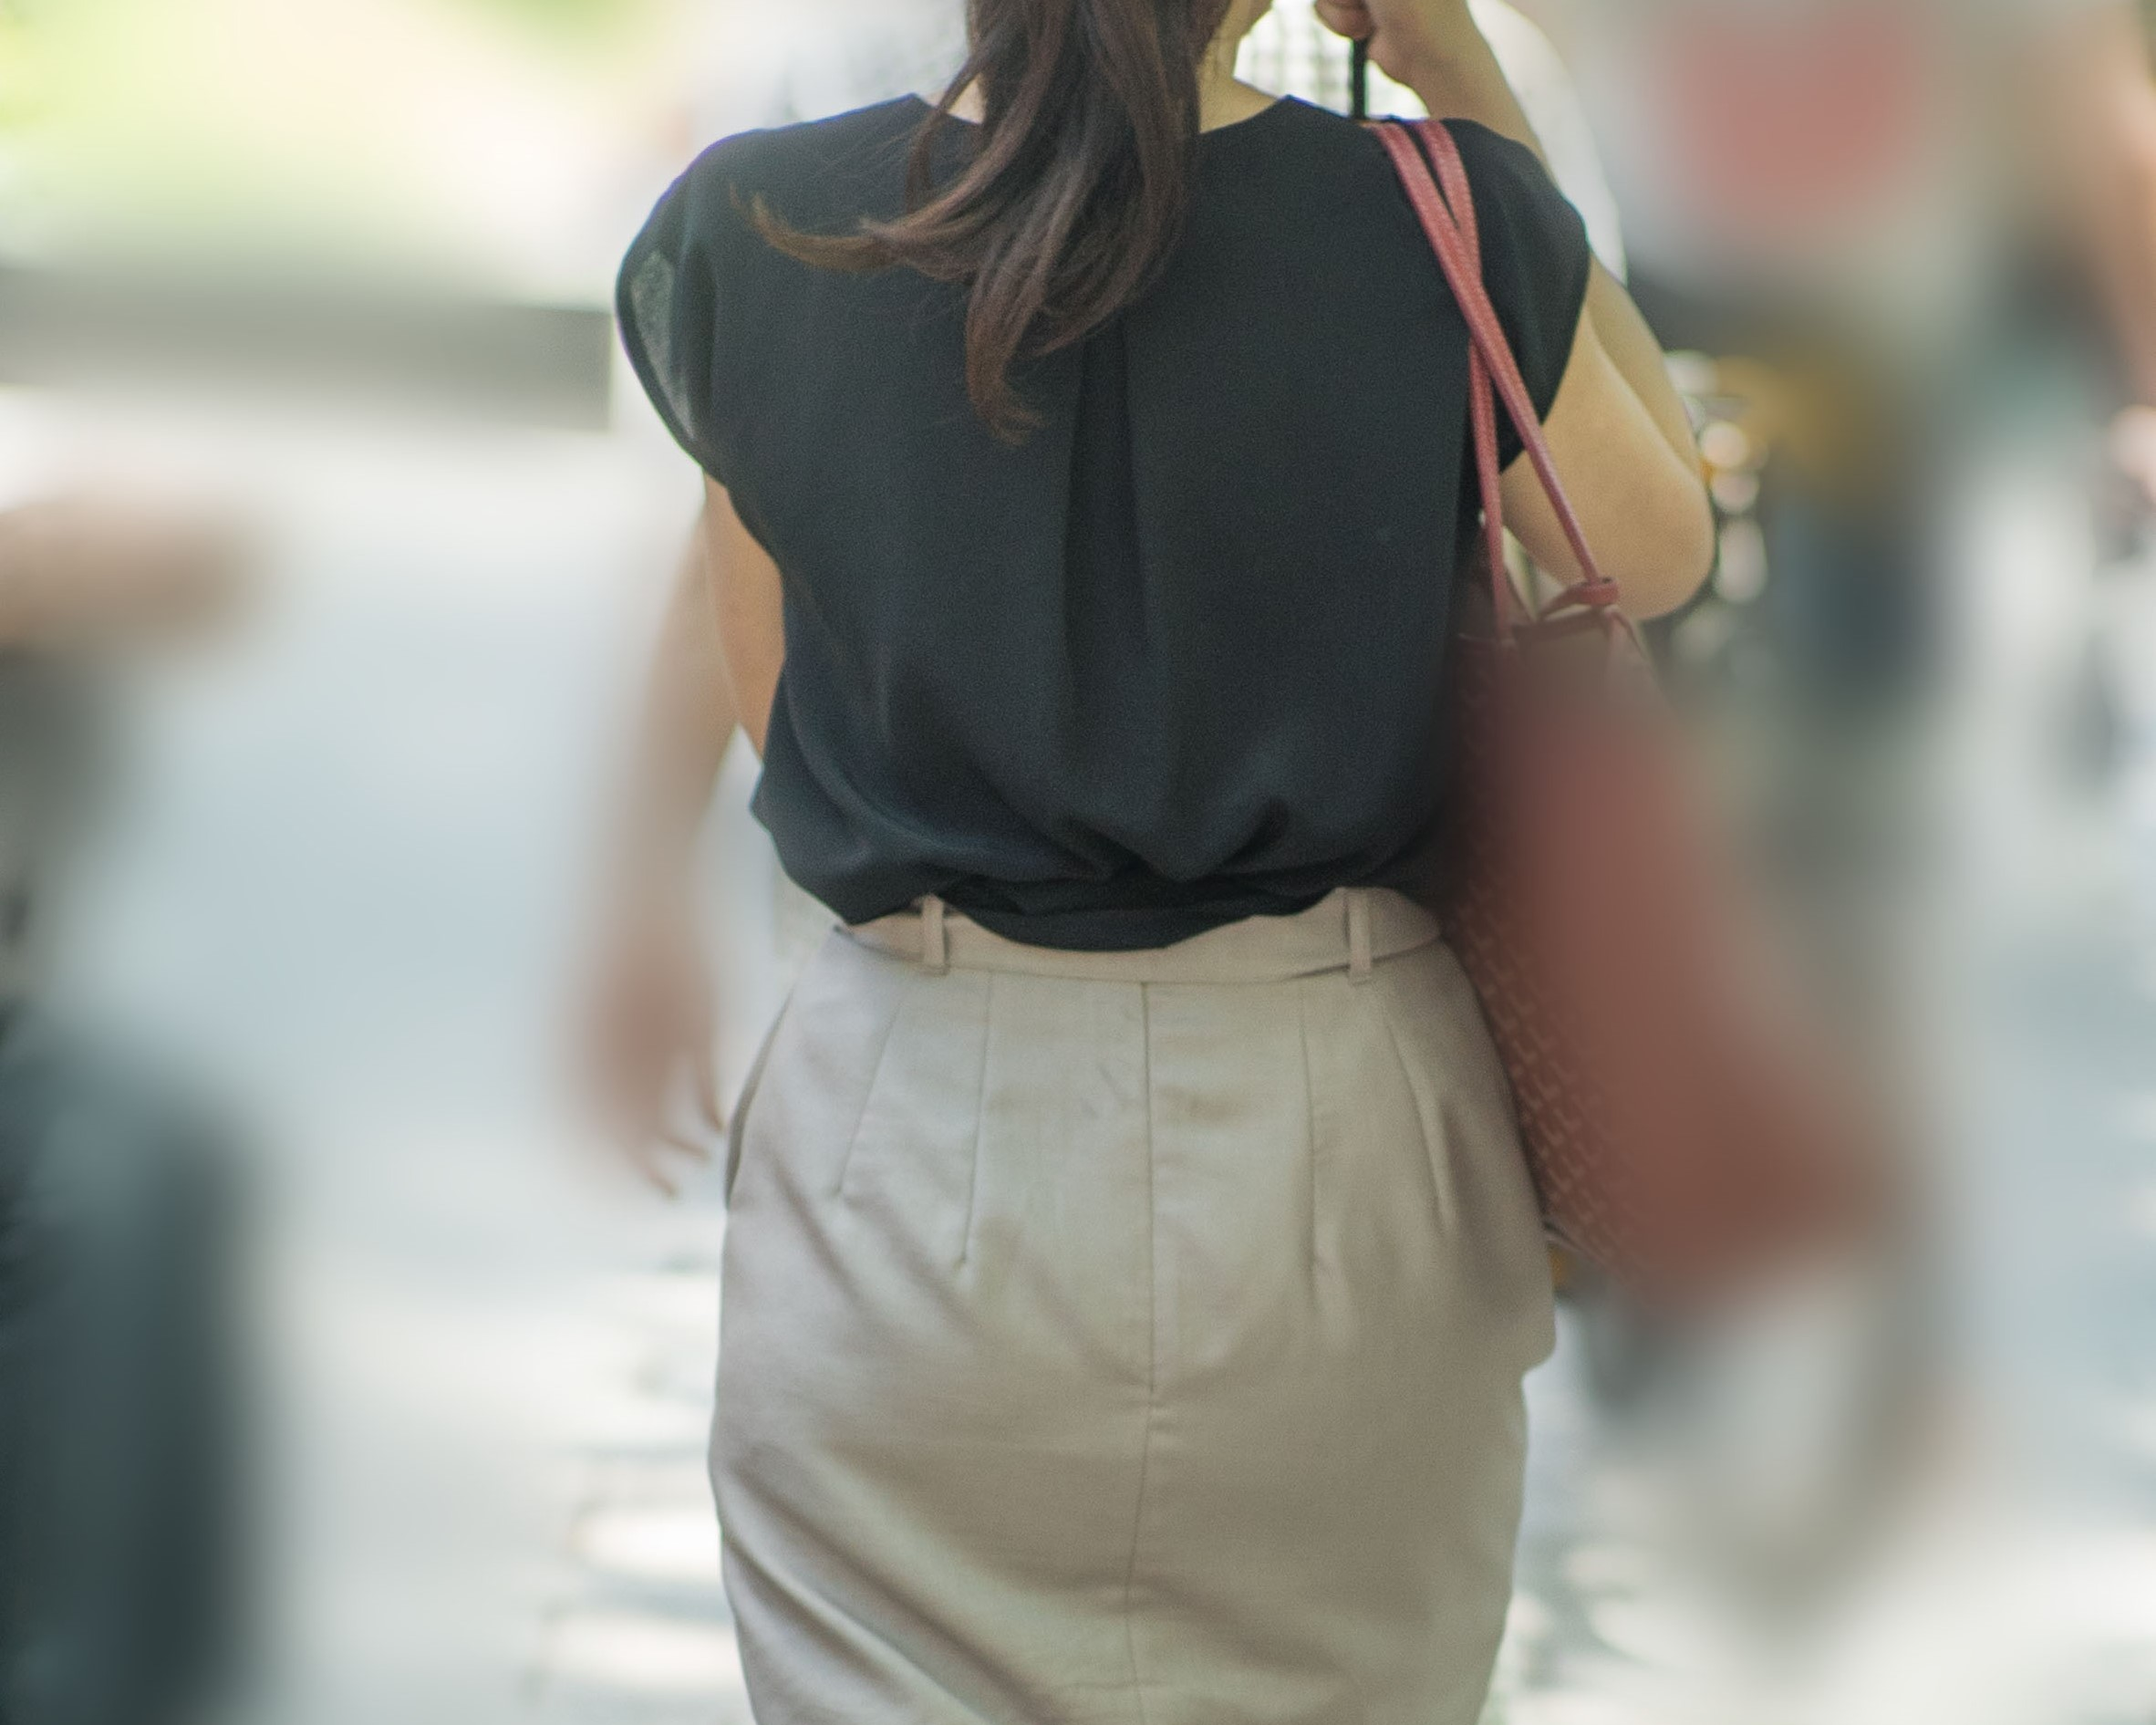 地味にエロい、ベージュのスカートに薄っすらパンティーラインの熟女さん!